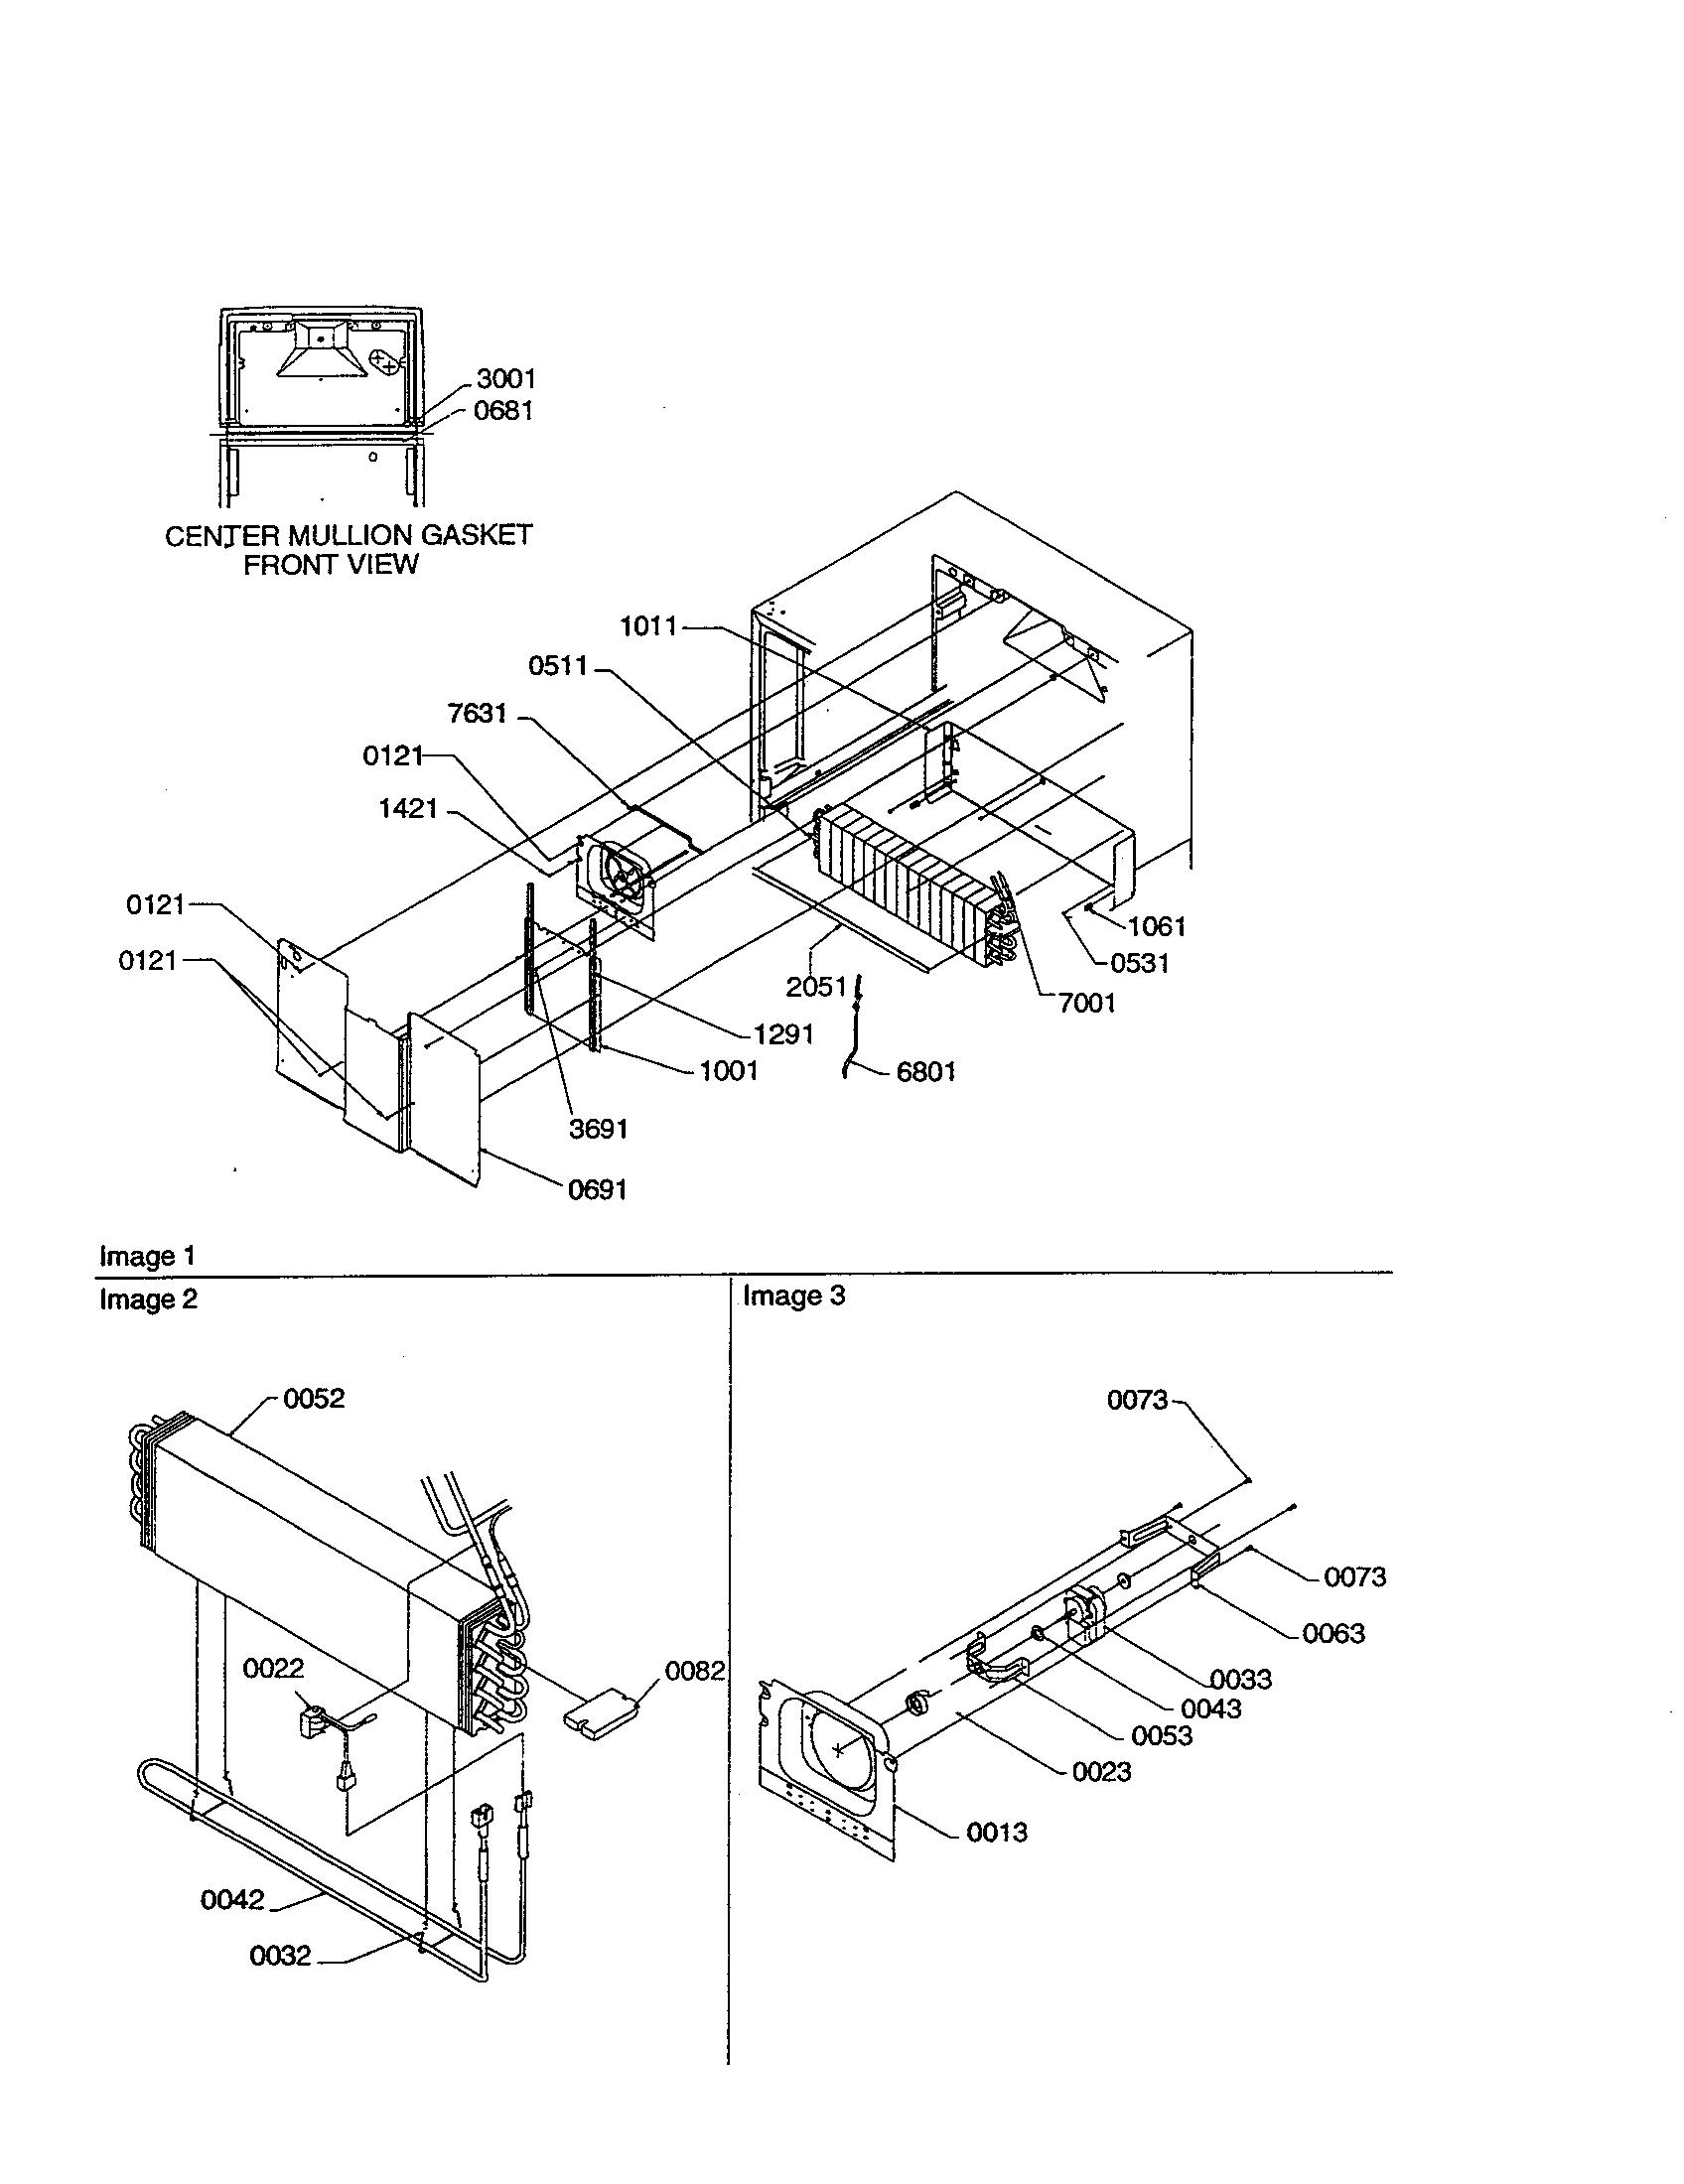 2005 Honda Pilot Stereo Wiring Diagram. Honda. Auto Wiring